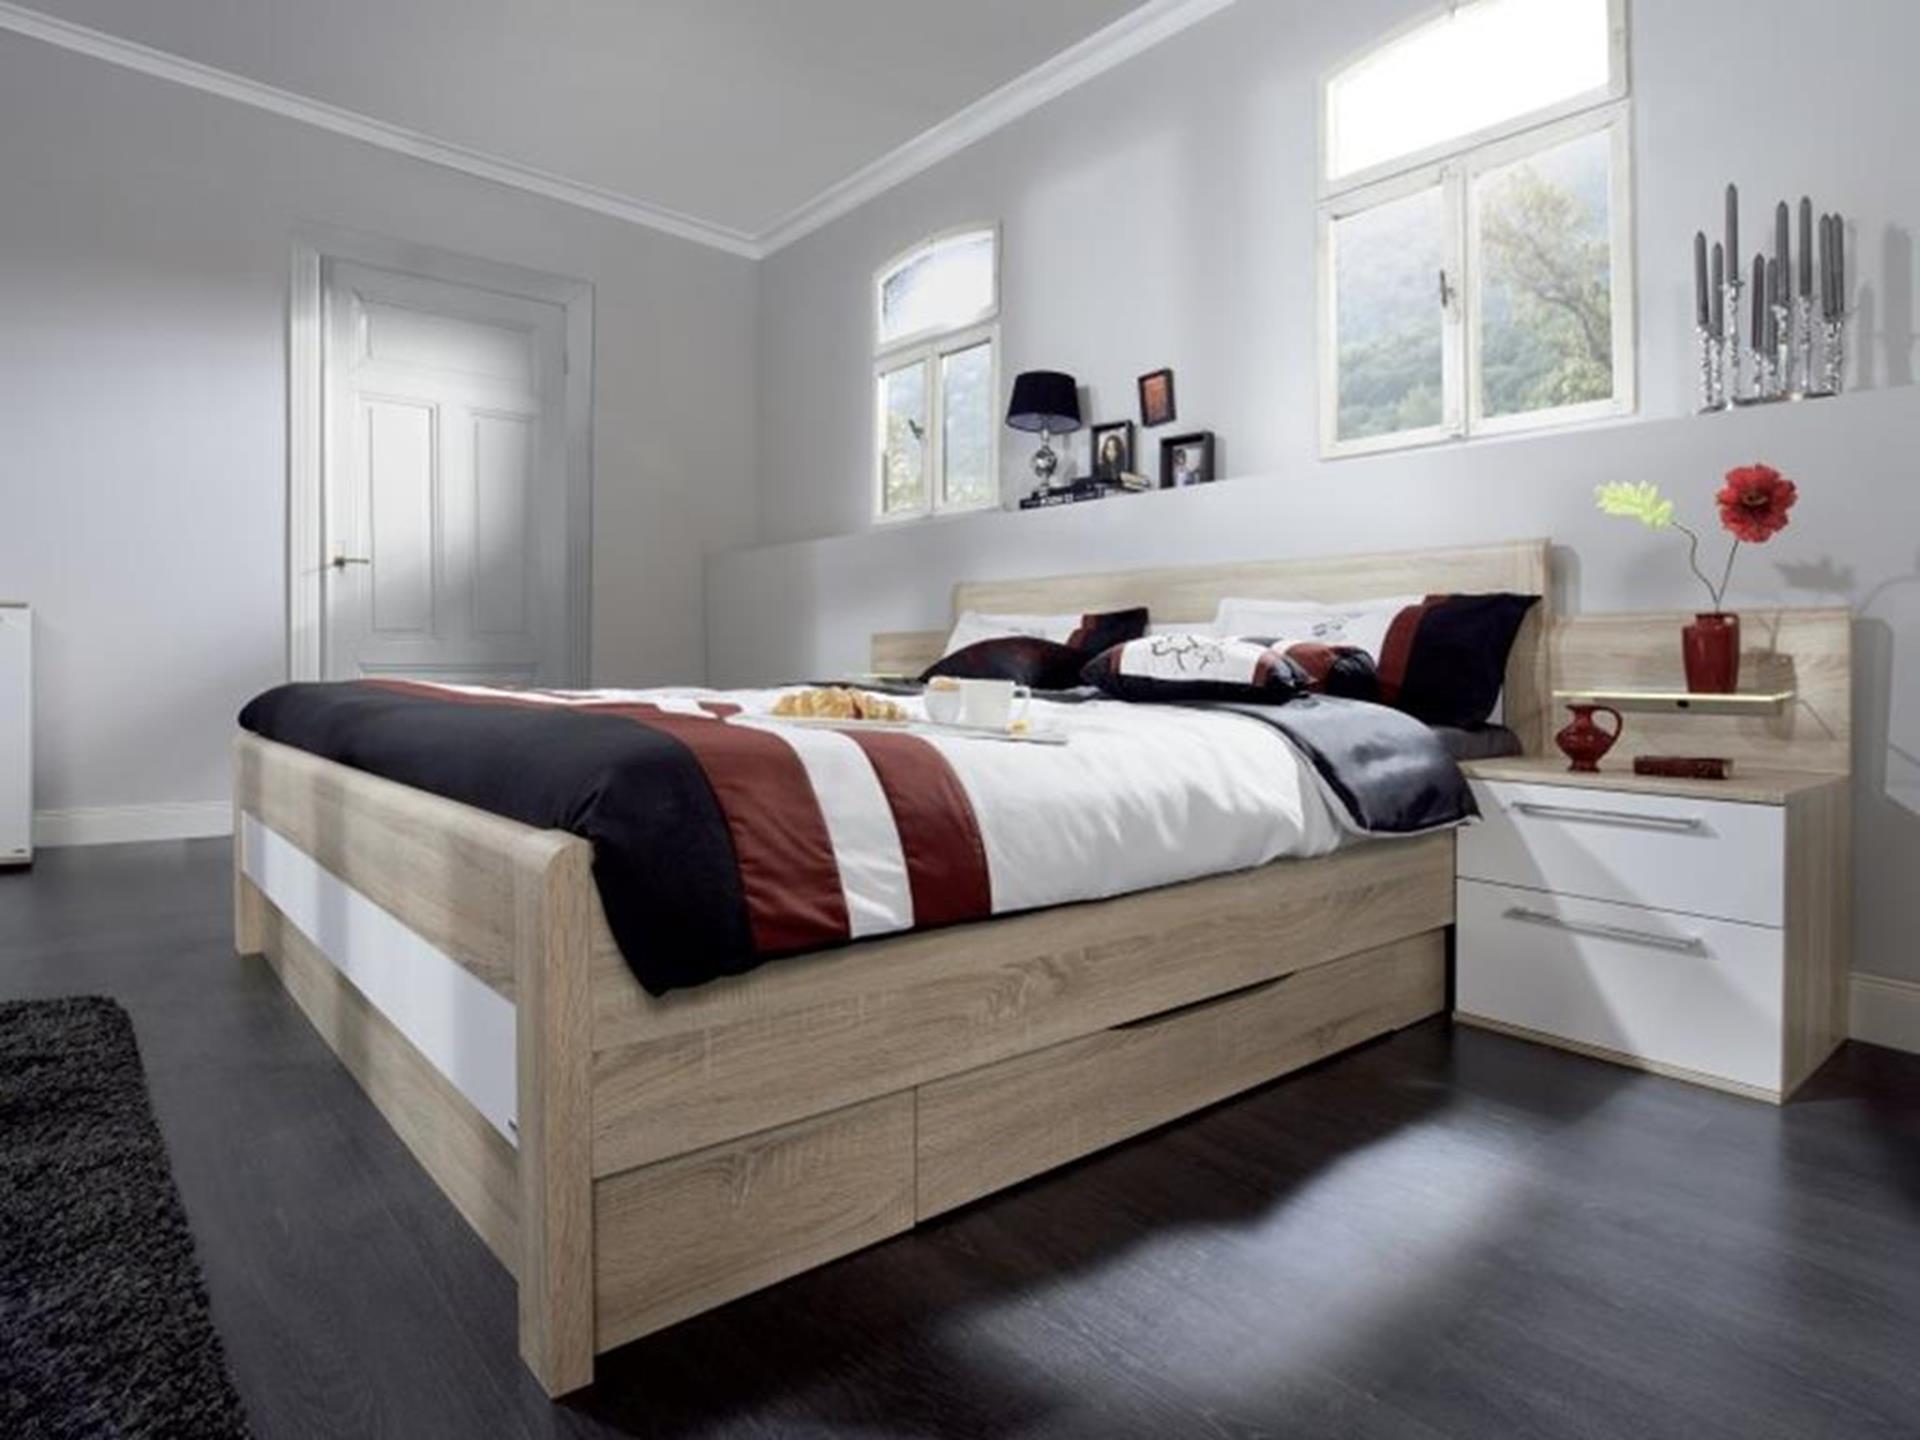 nowoczesne drewniane łóżko niemieckiego producenta